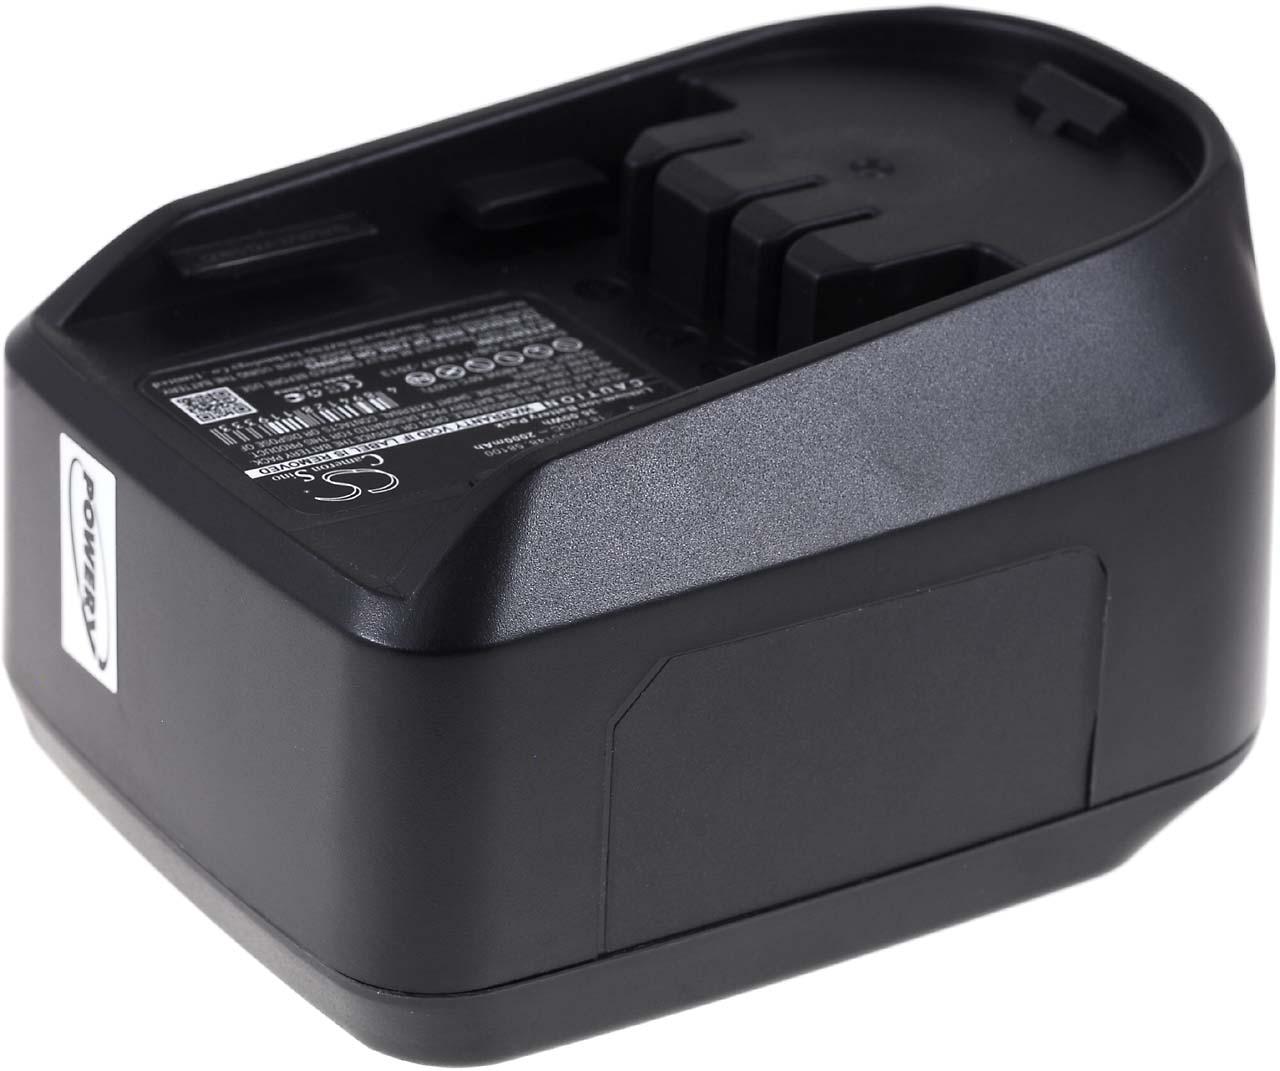 Acumulator compatibil Gde model 95690